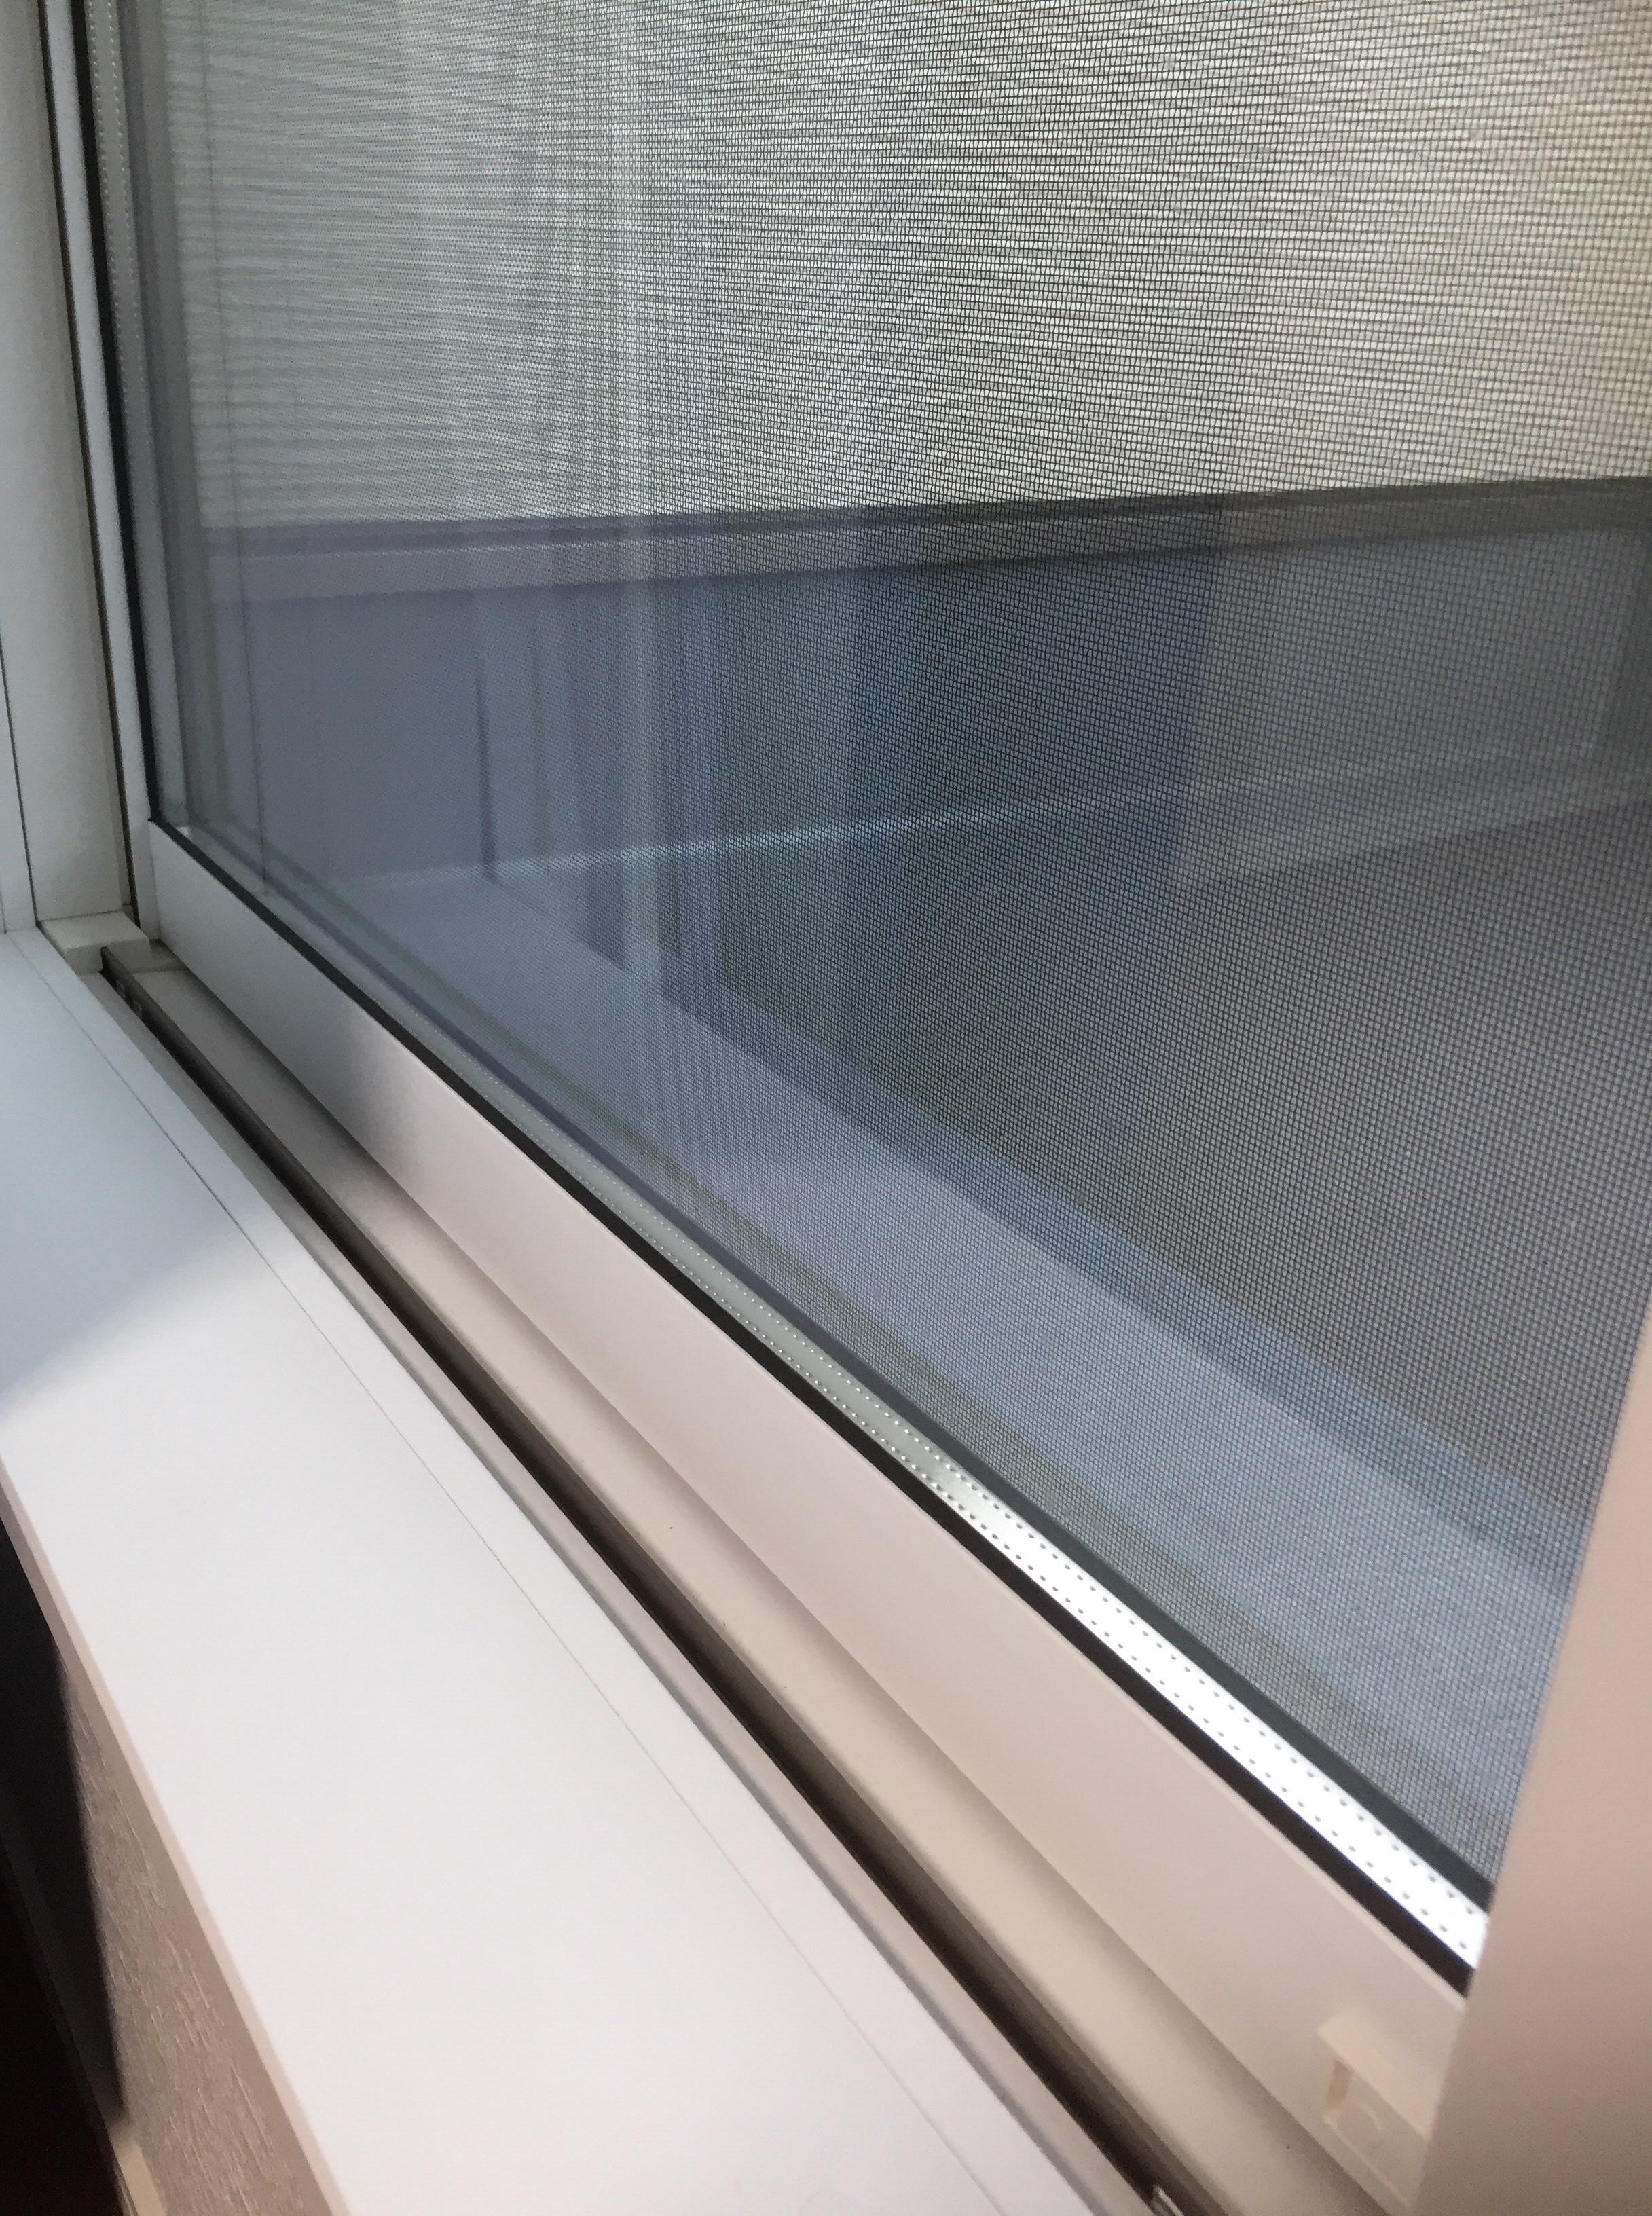 低性能な窓で家は暑くなってしまうのか?室温を調べてみた